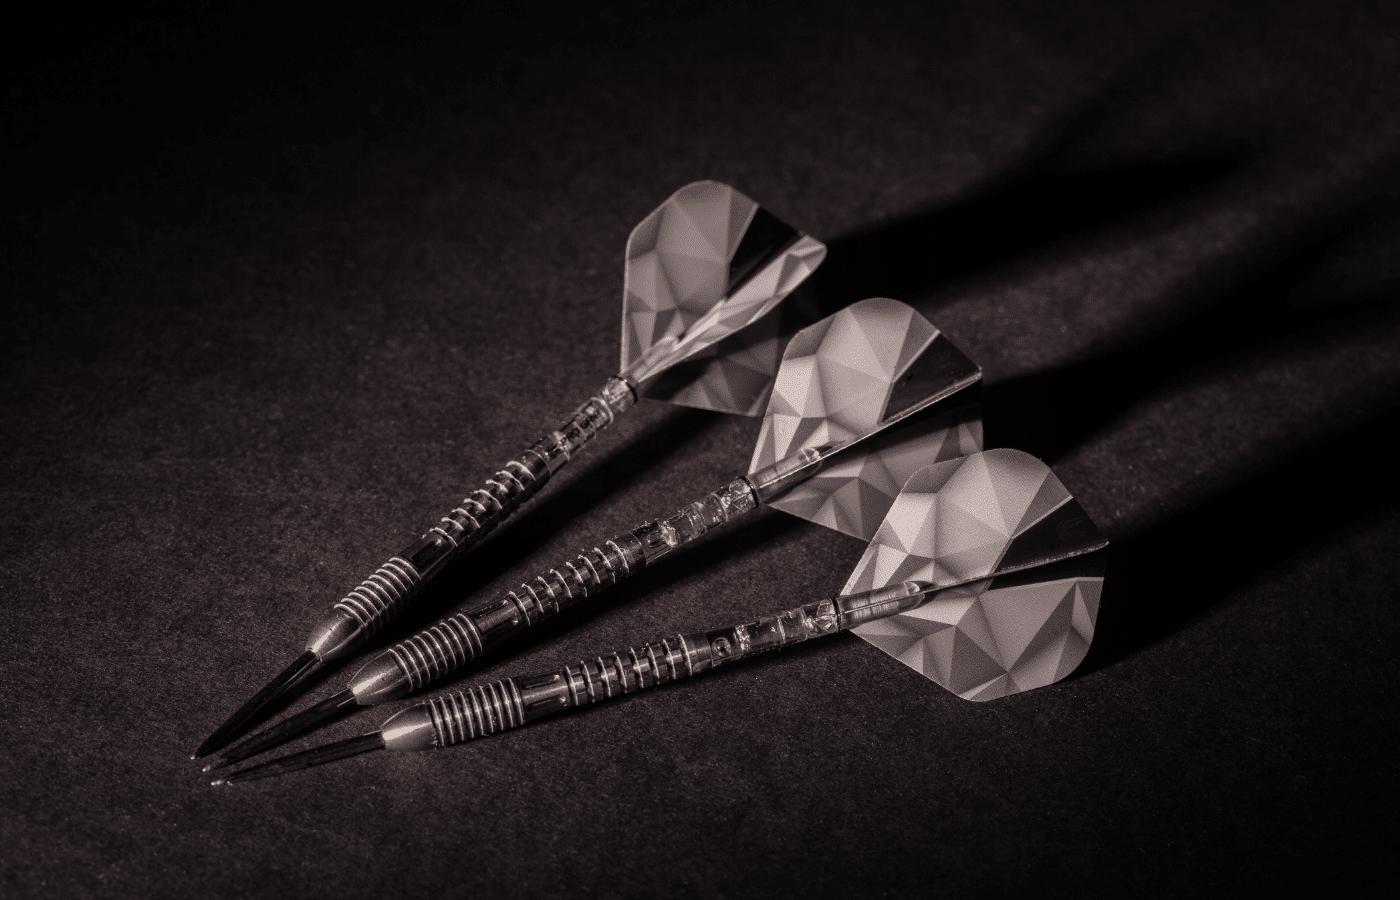 how to fix bent dart tips